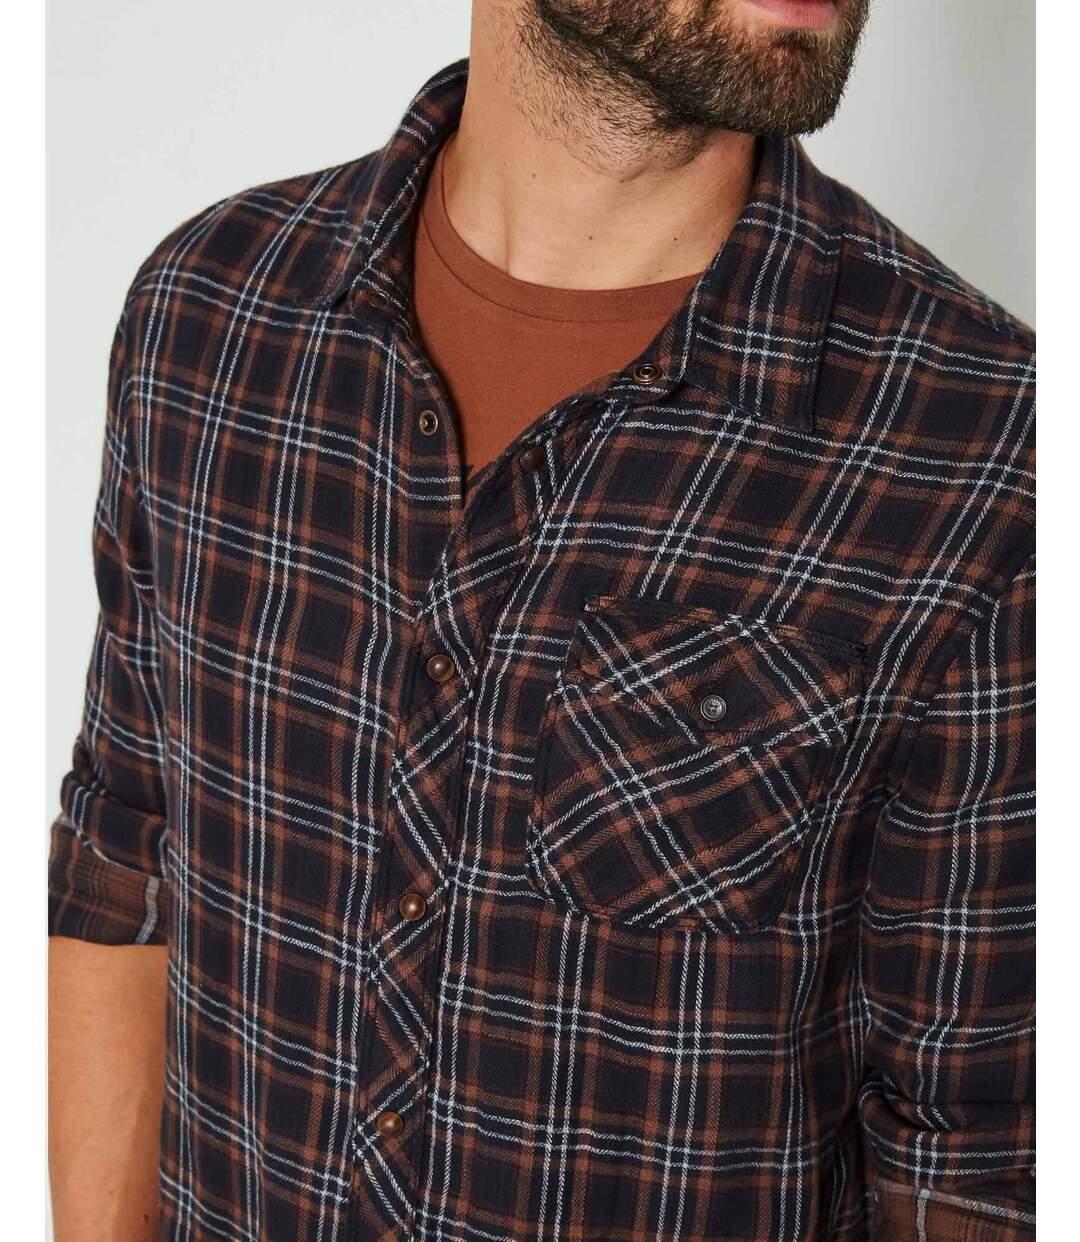 Chemise marron SIL404 cintrée à carreaux pour homme